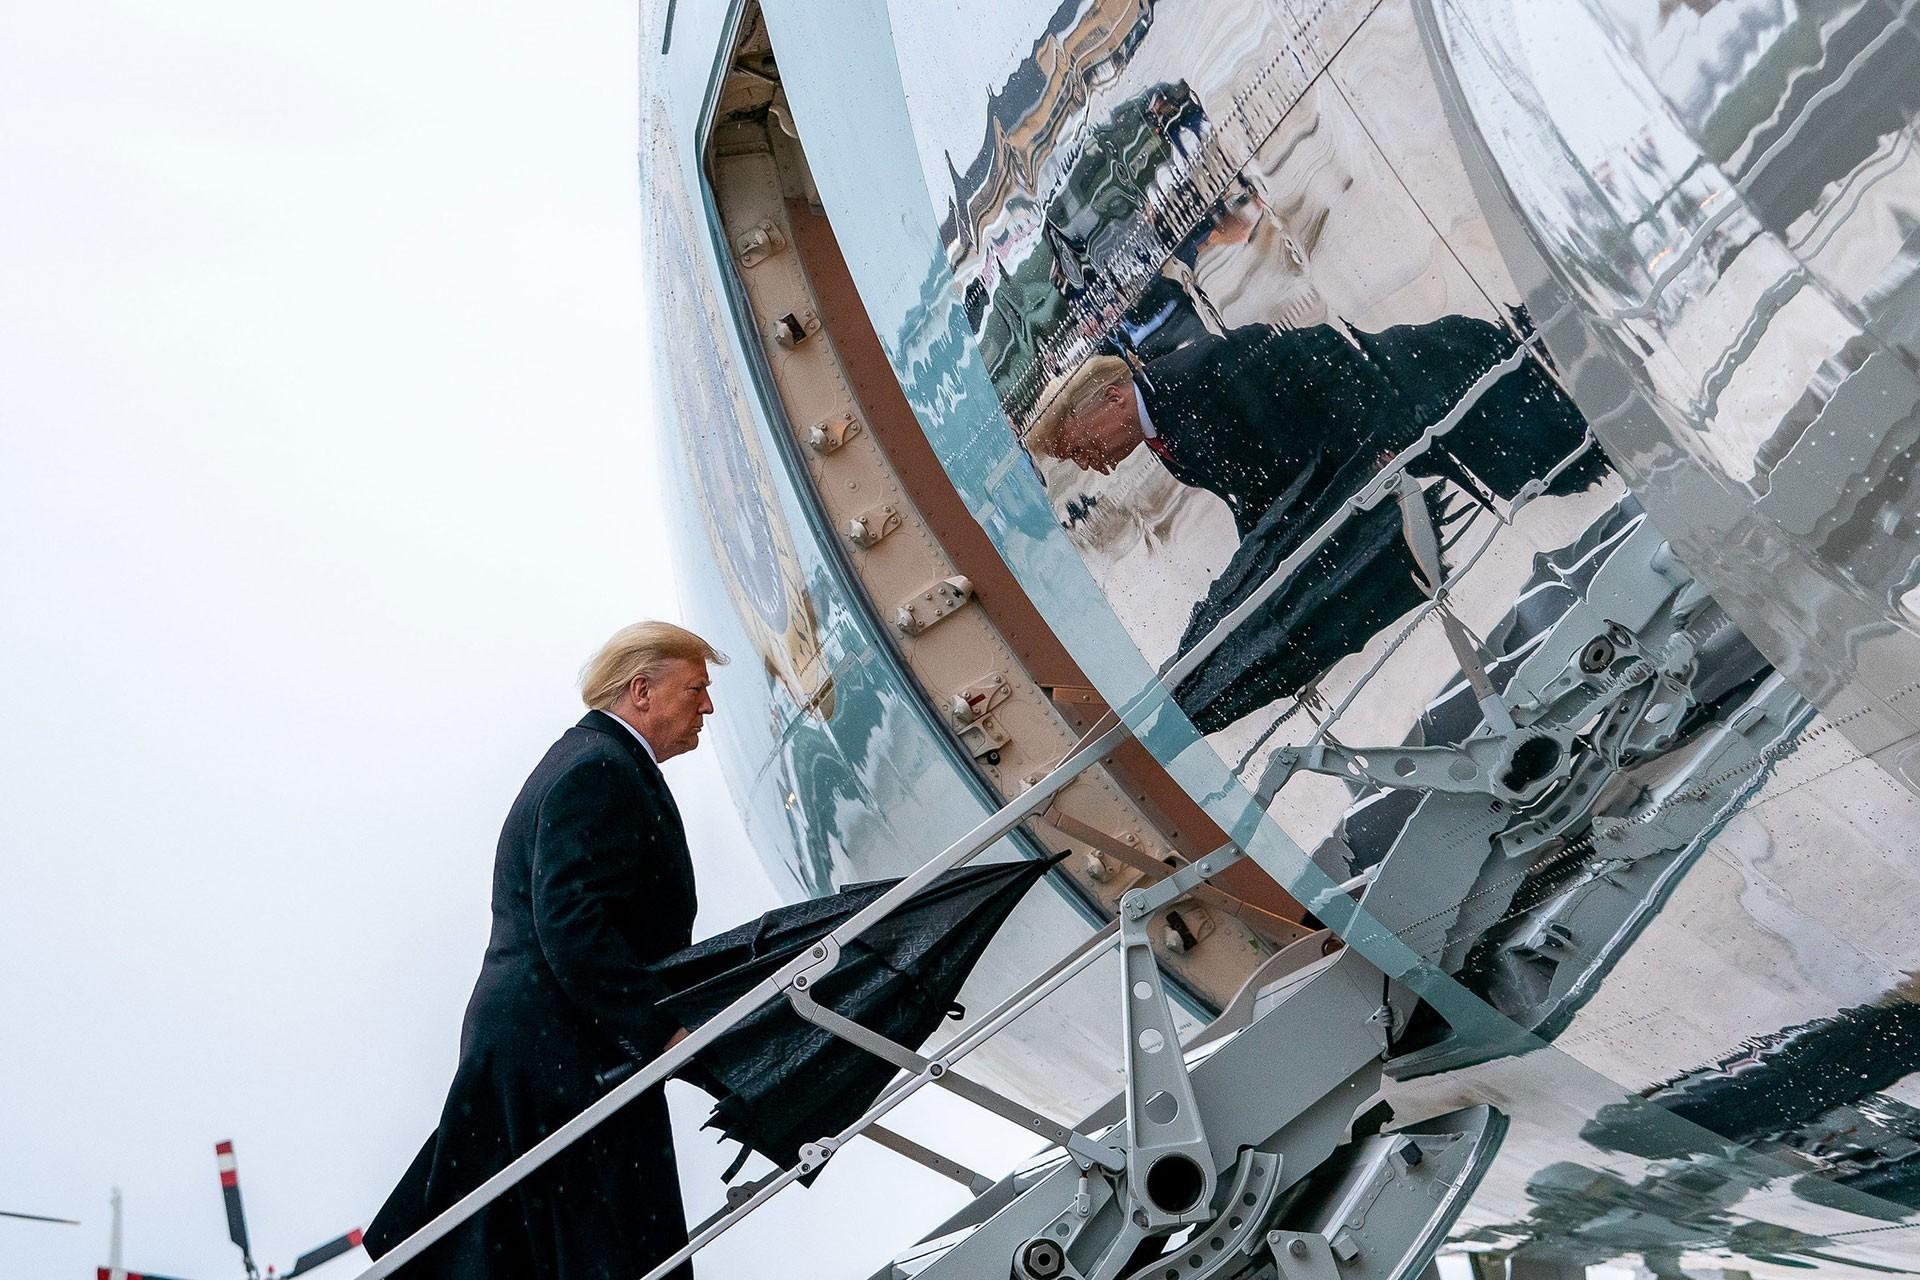 mp, uçağa biniyor, uçağın metalinde Trump'ın yansıması görülüyor.